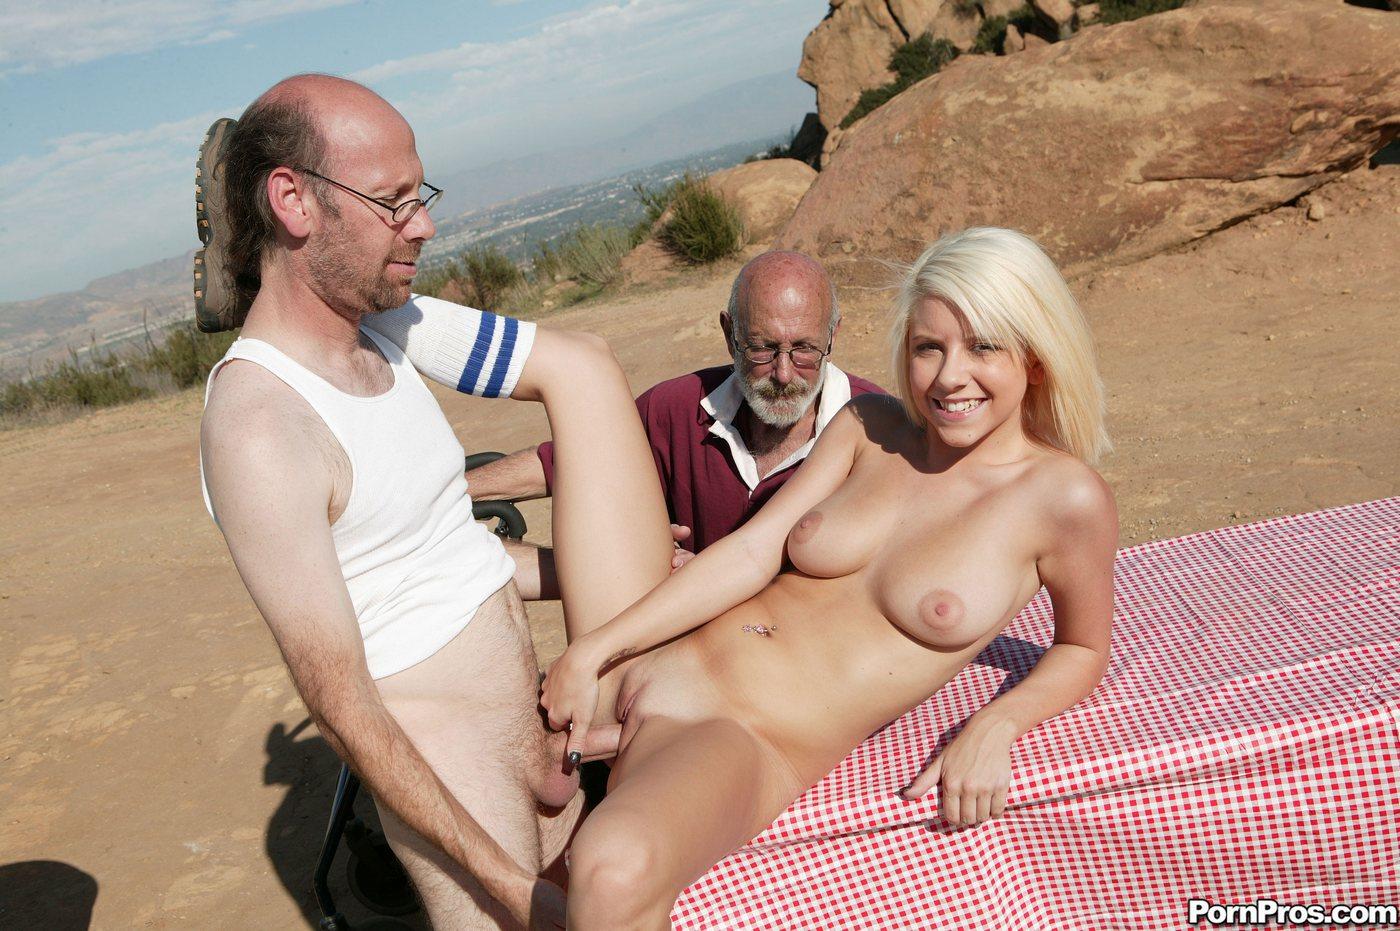 Старик и проститутка порно онлайн 9 фотография